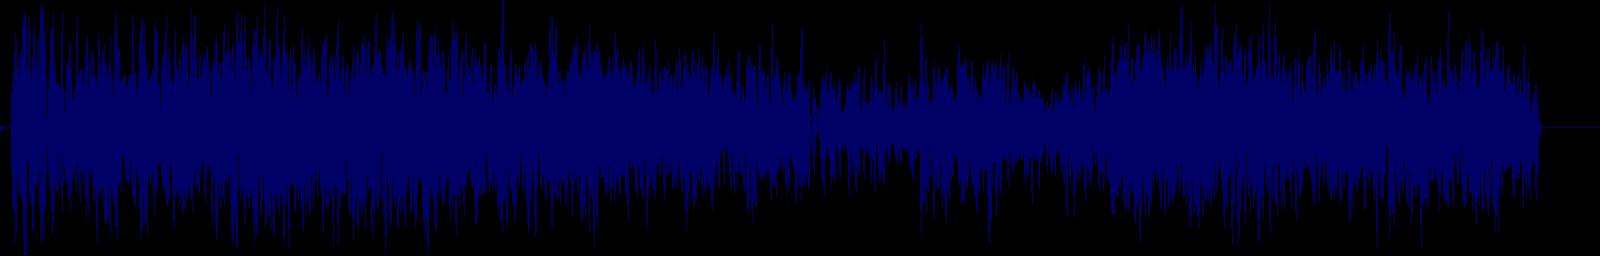 waveform of track #159401